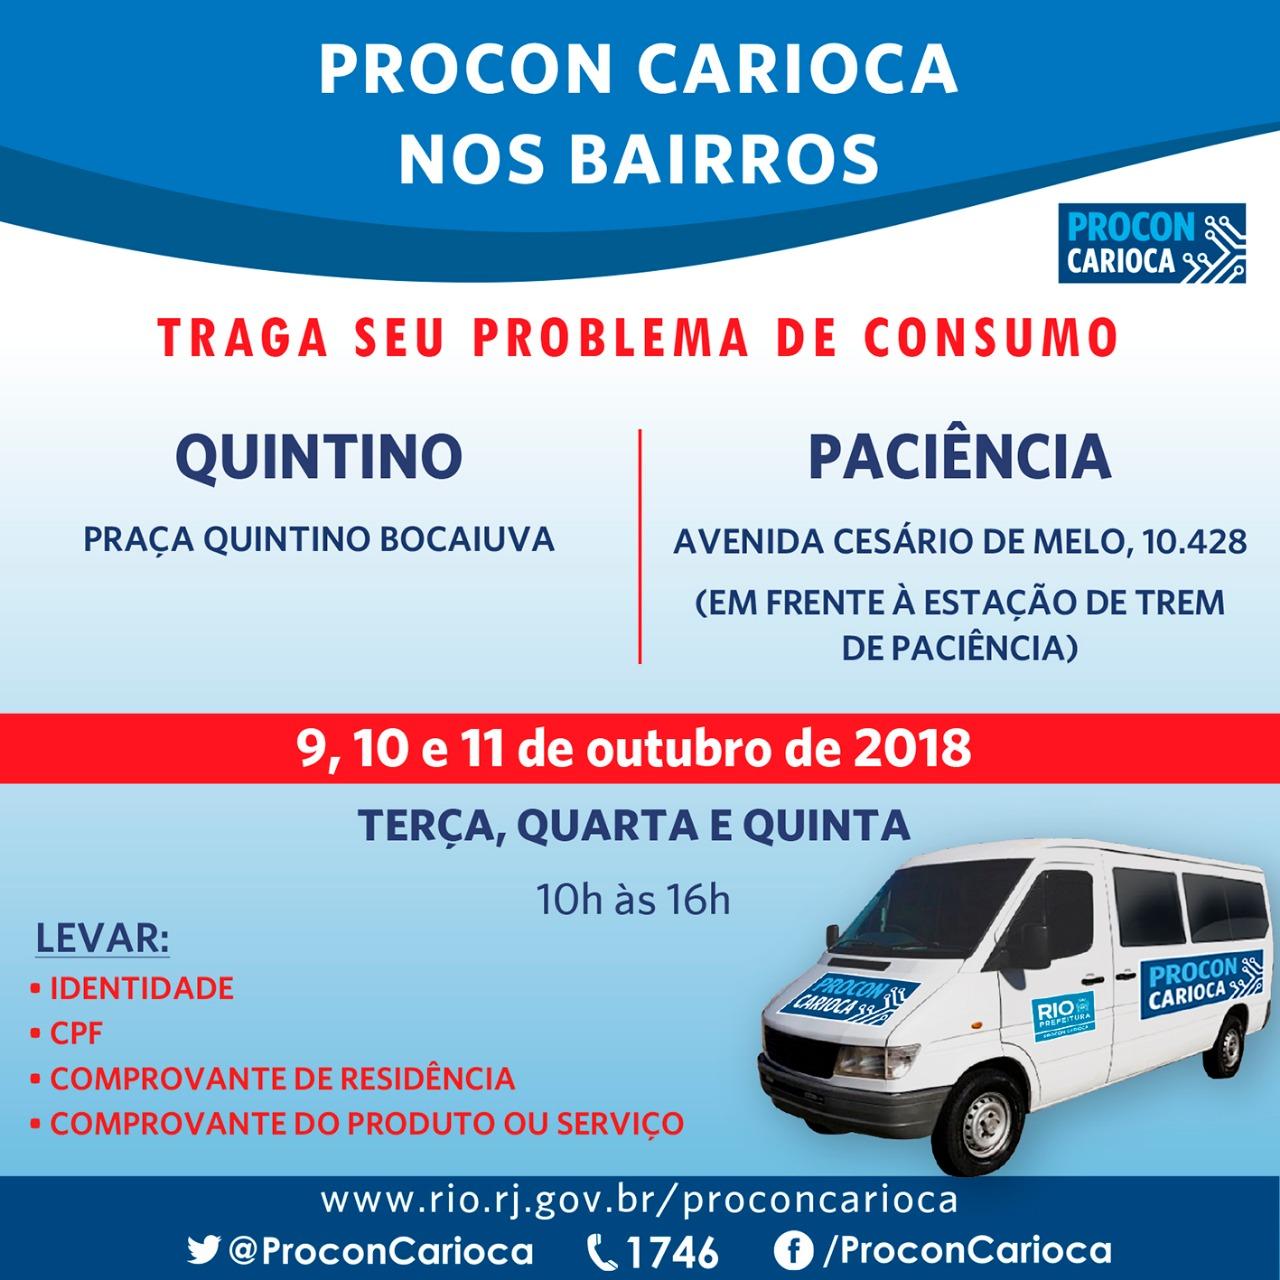 Quintino e Paciência recebem o Procon Carioca de terça a quinta